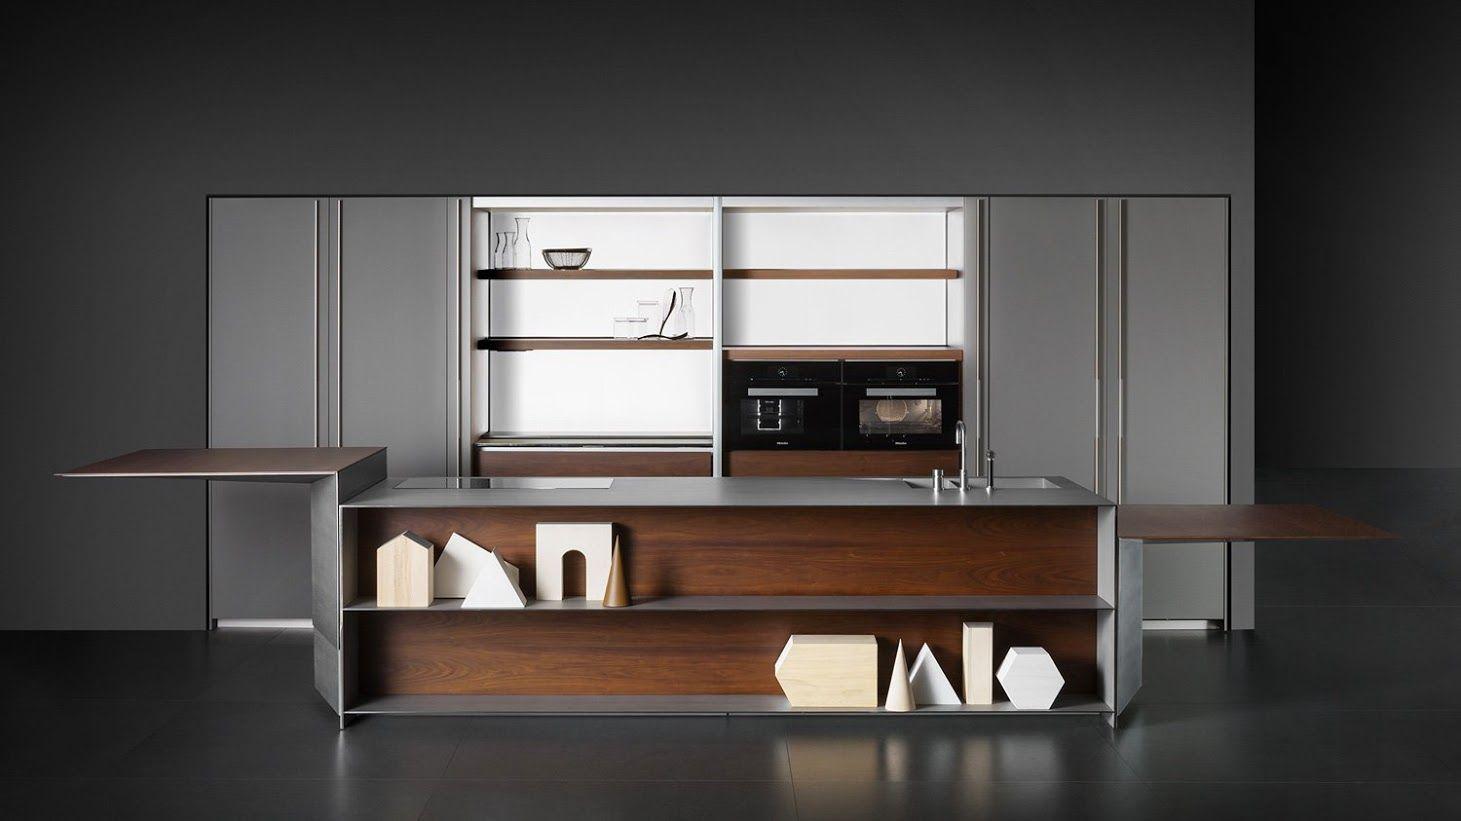 Cucine Di Lusso Design : Cucina vela di dada kitchen cucine